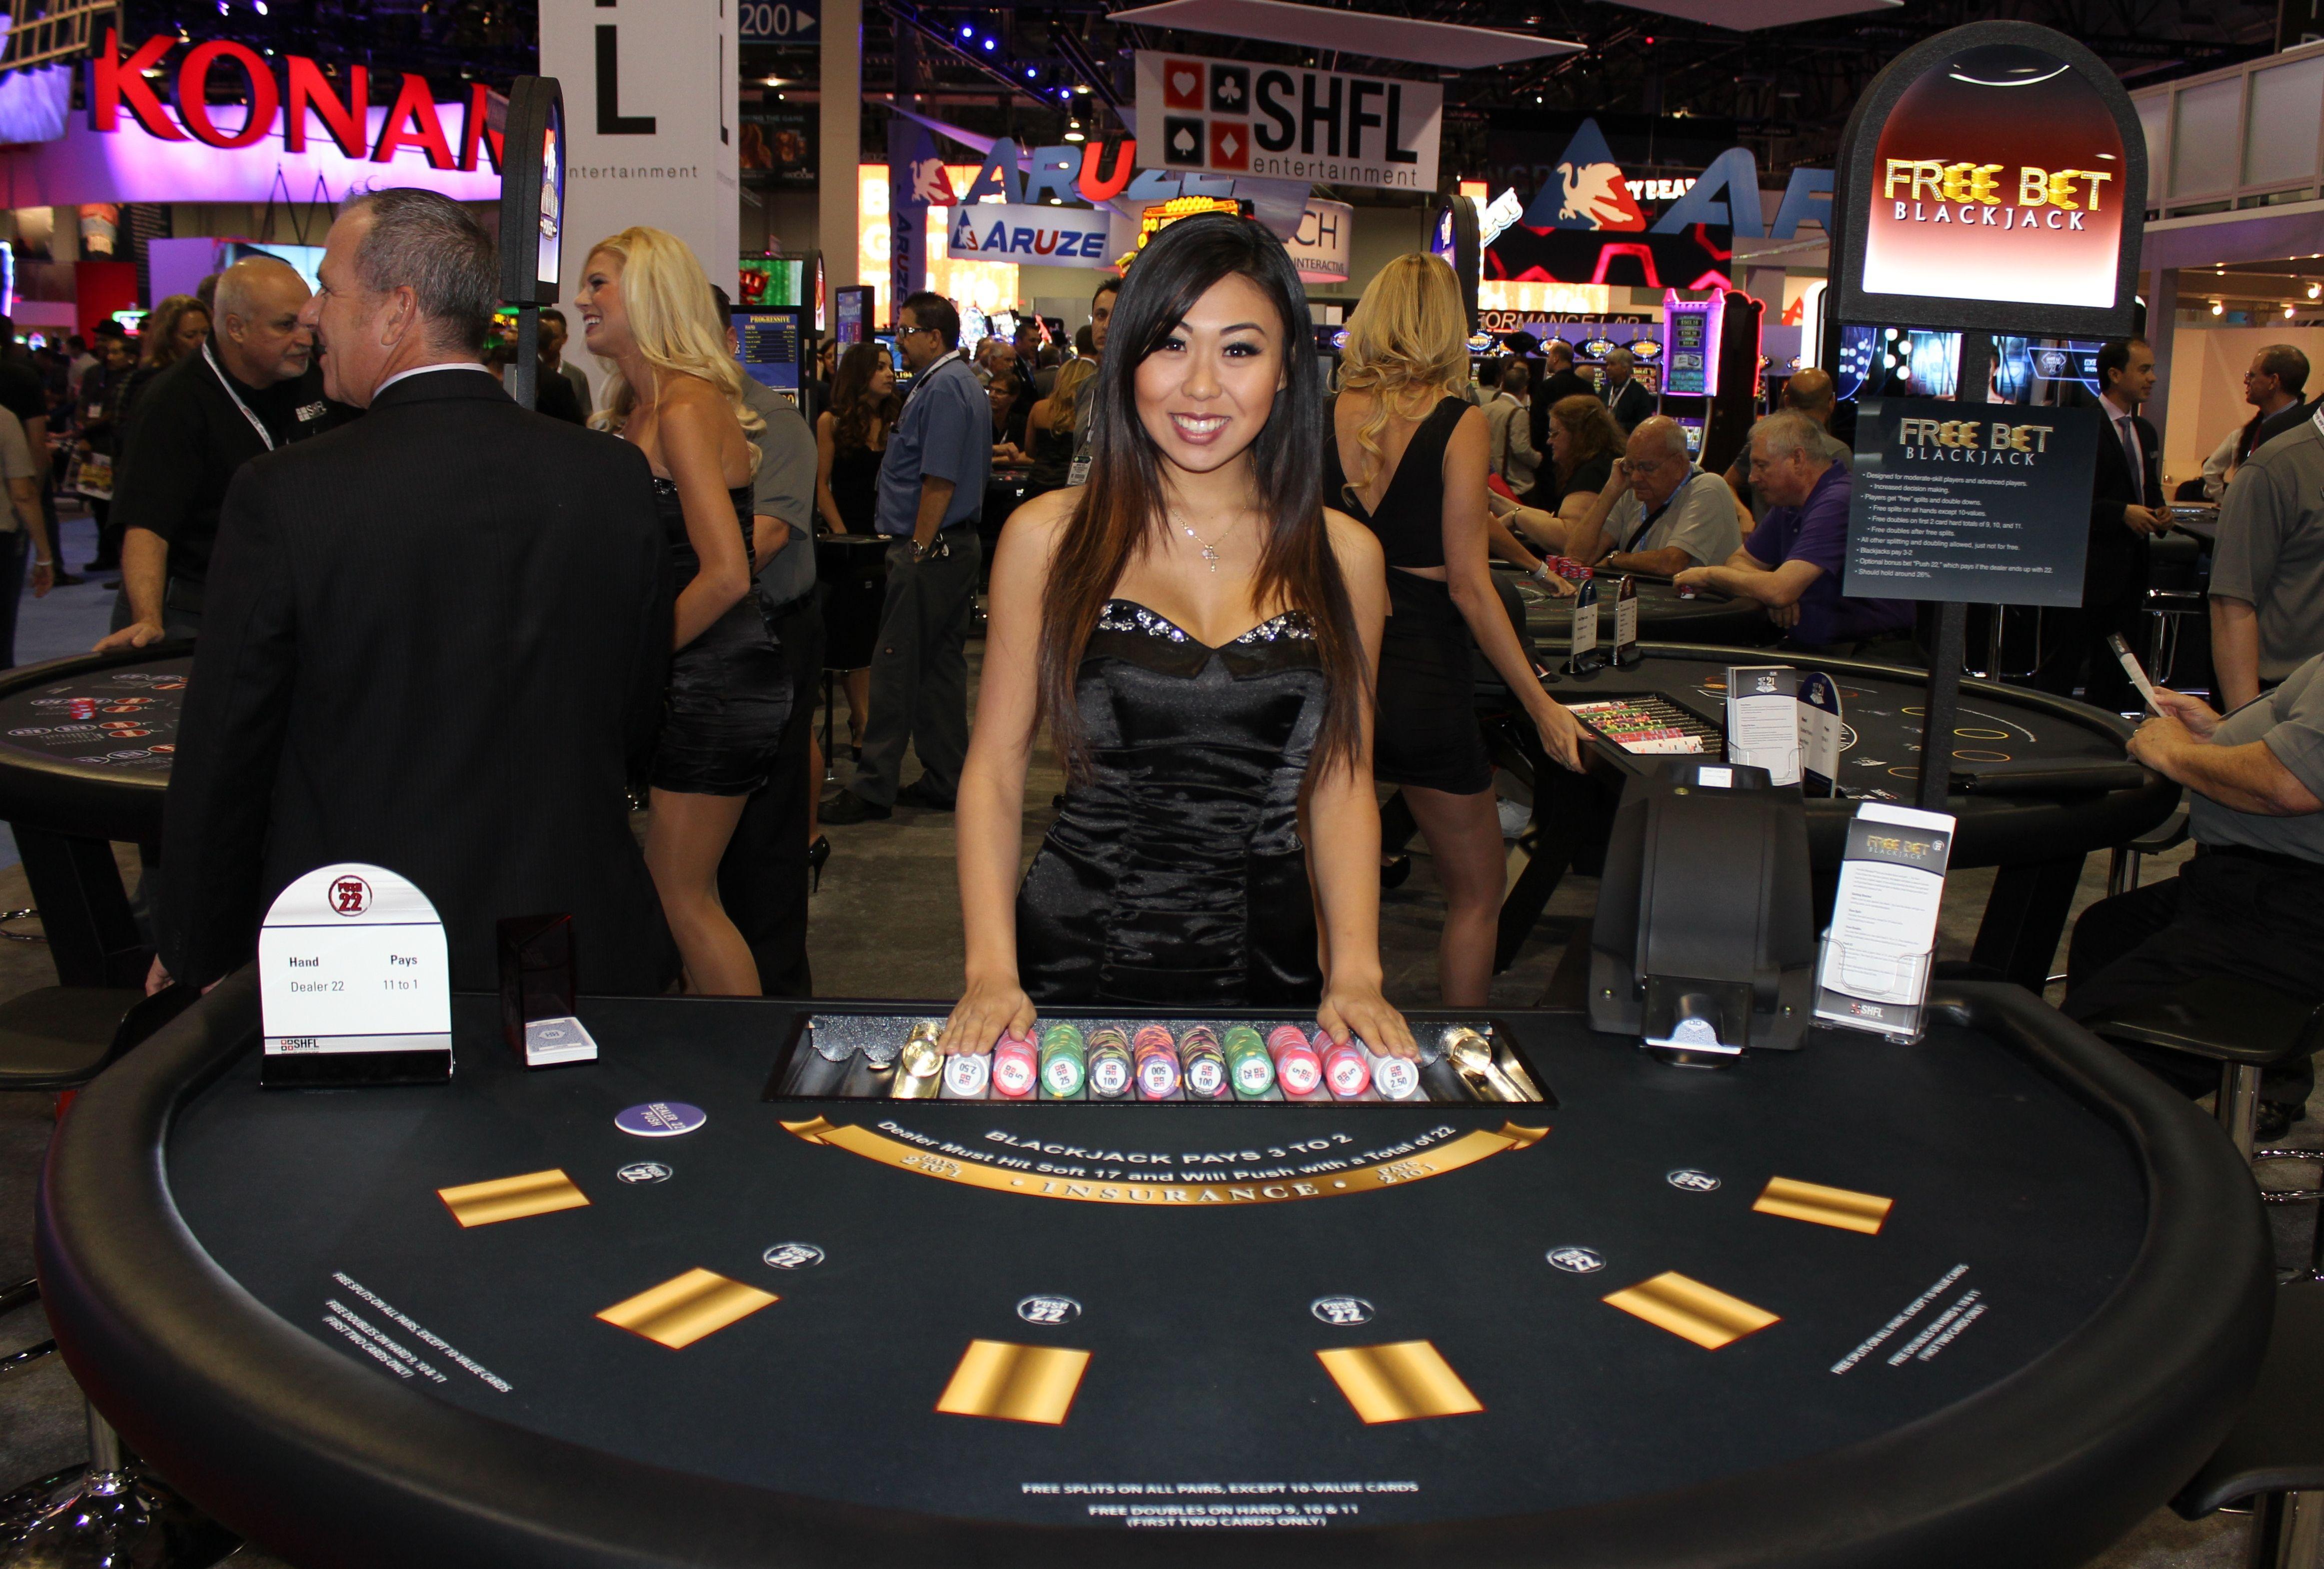 Легальные казино в россии 2020 онлайн какие слоты в казино лучше играть